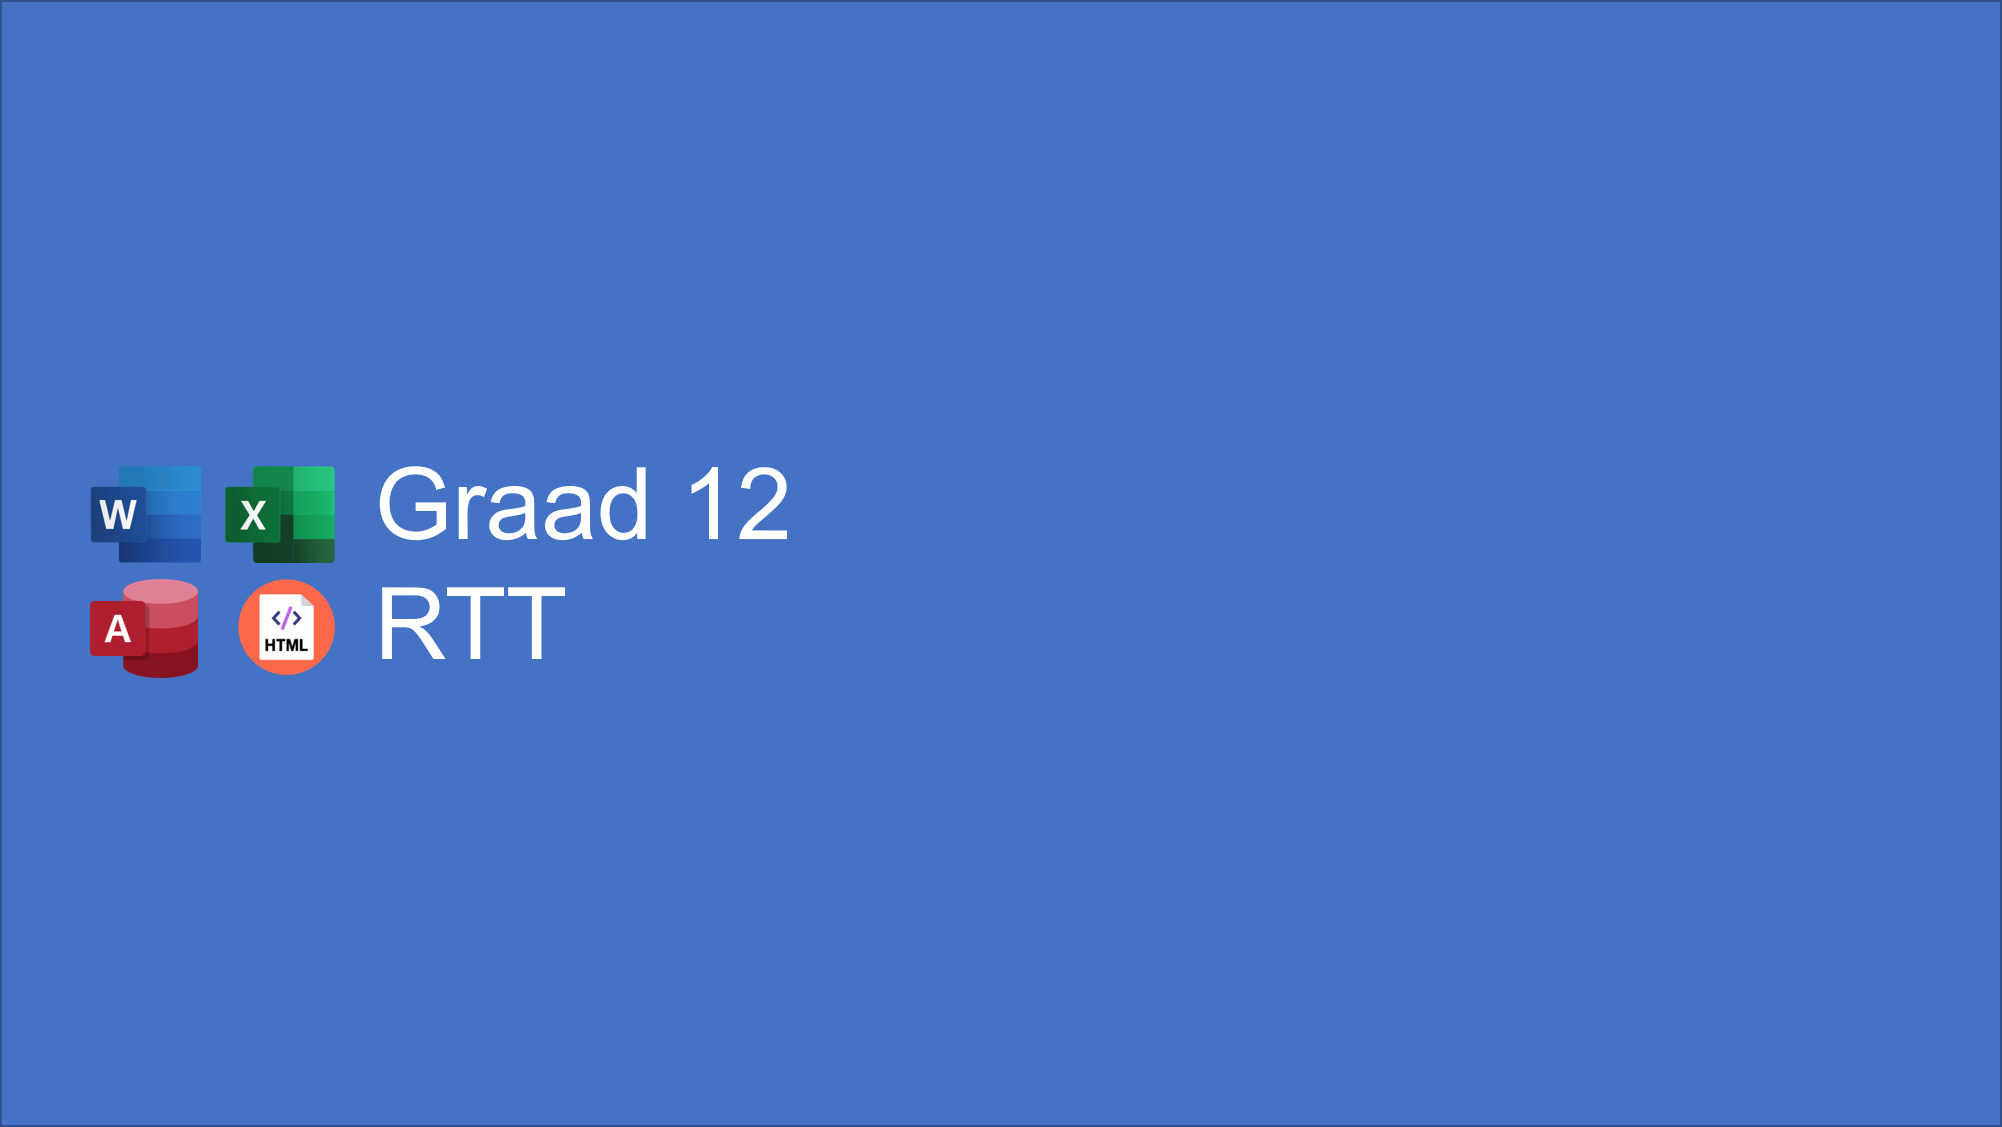 Graad 12 RTT